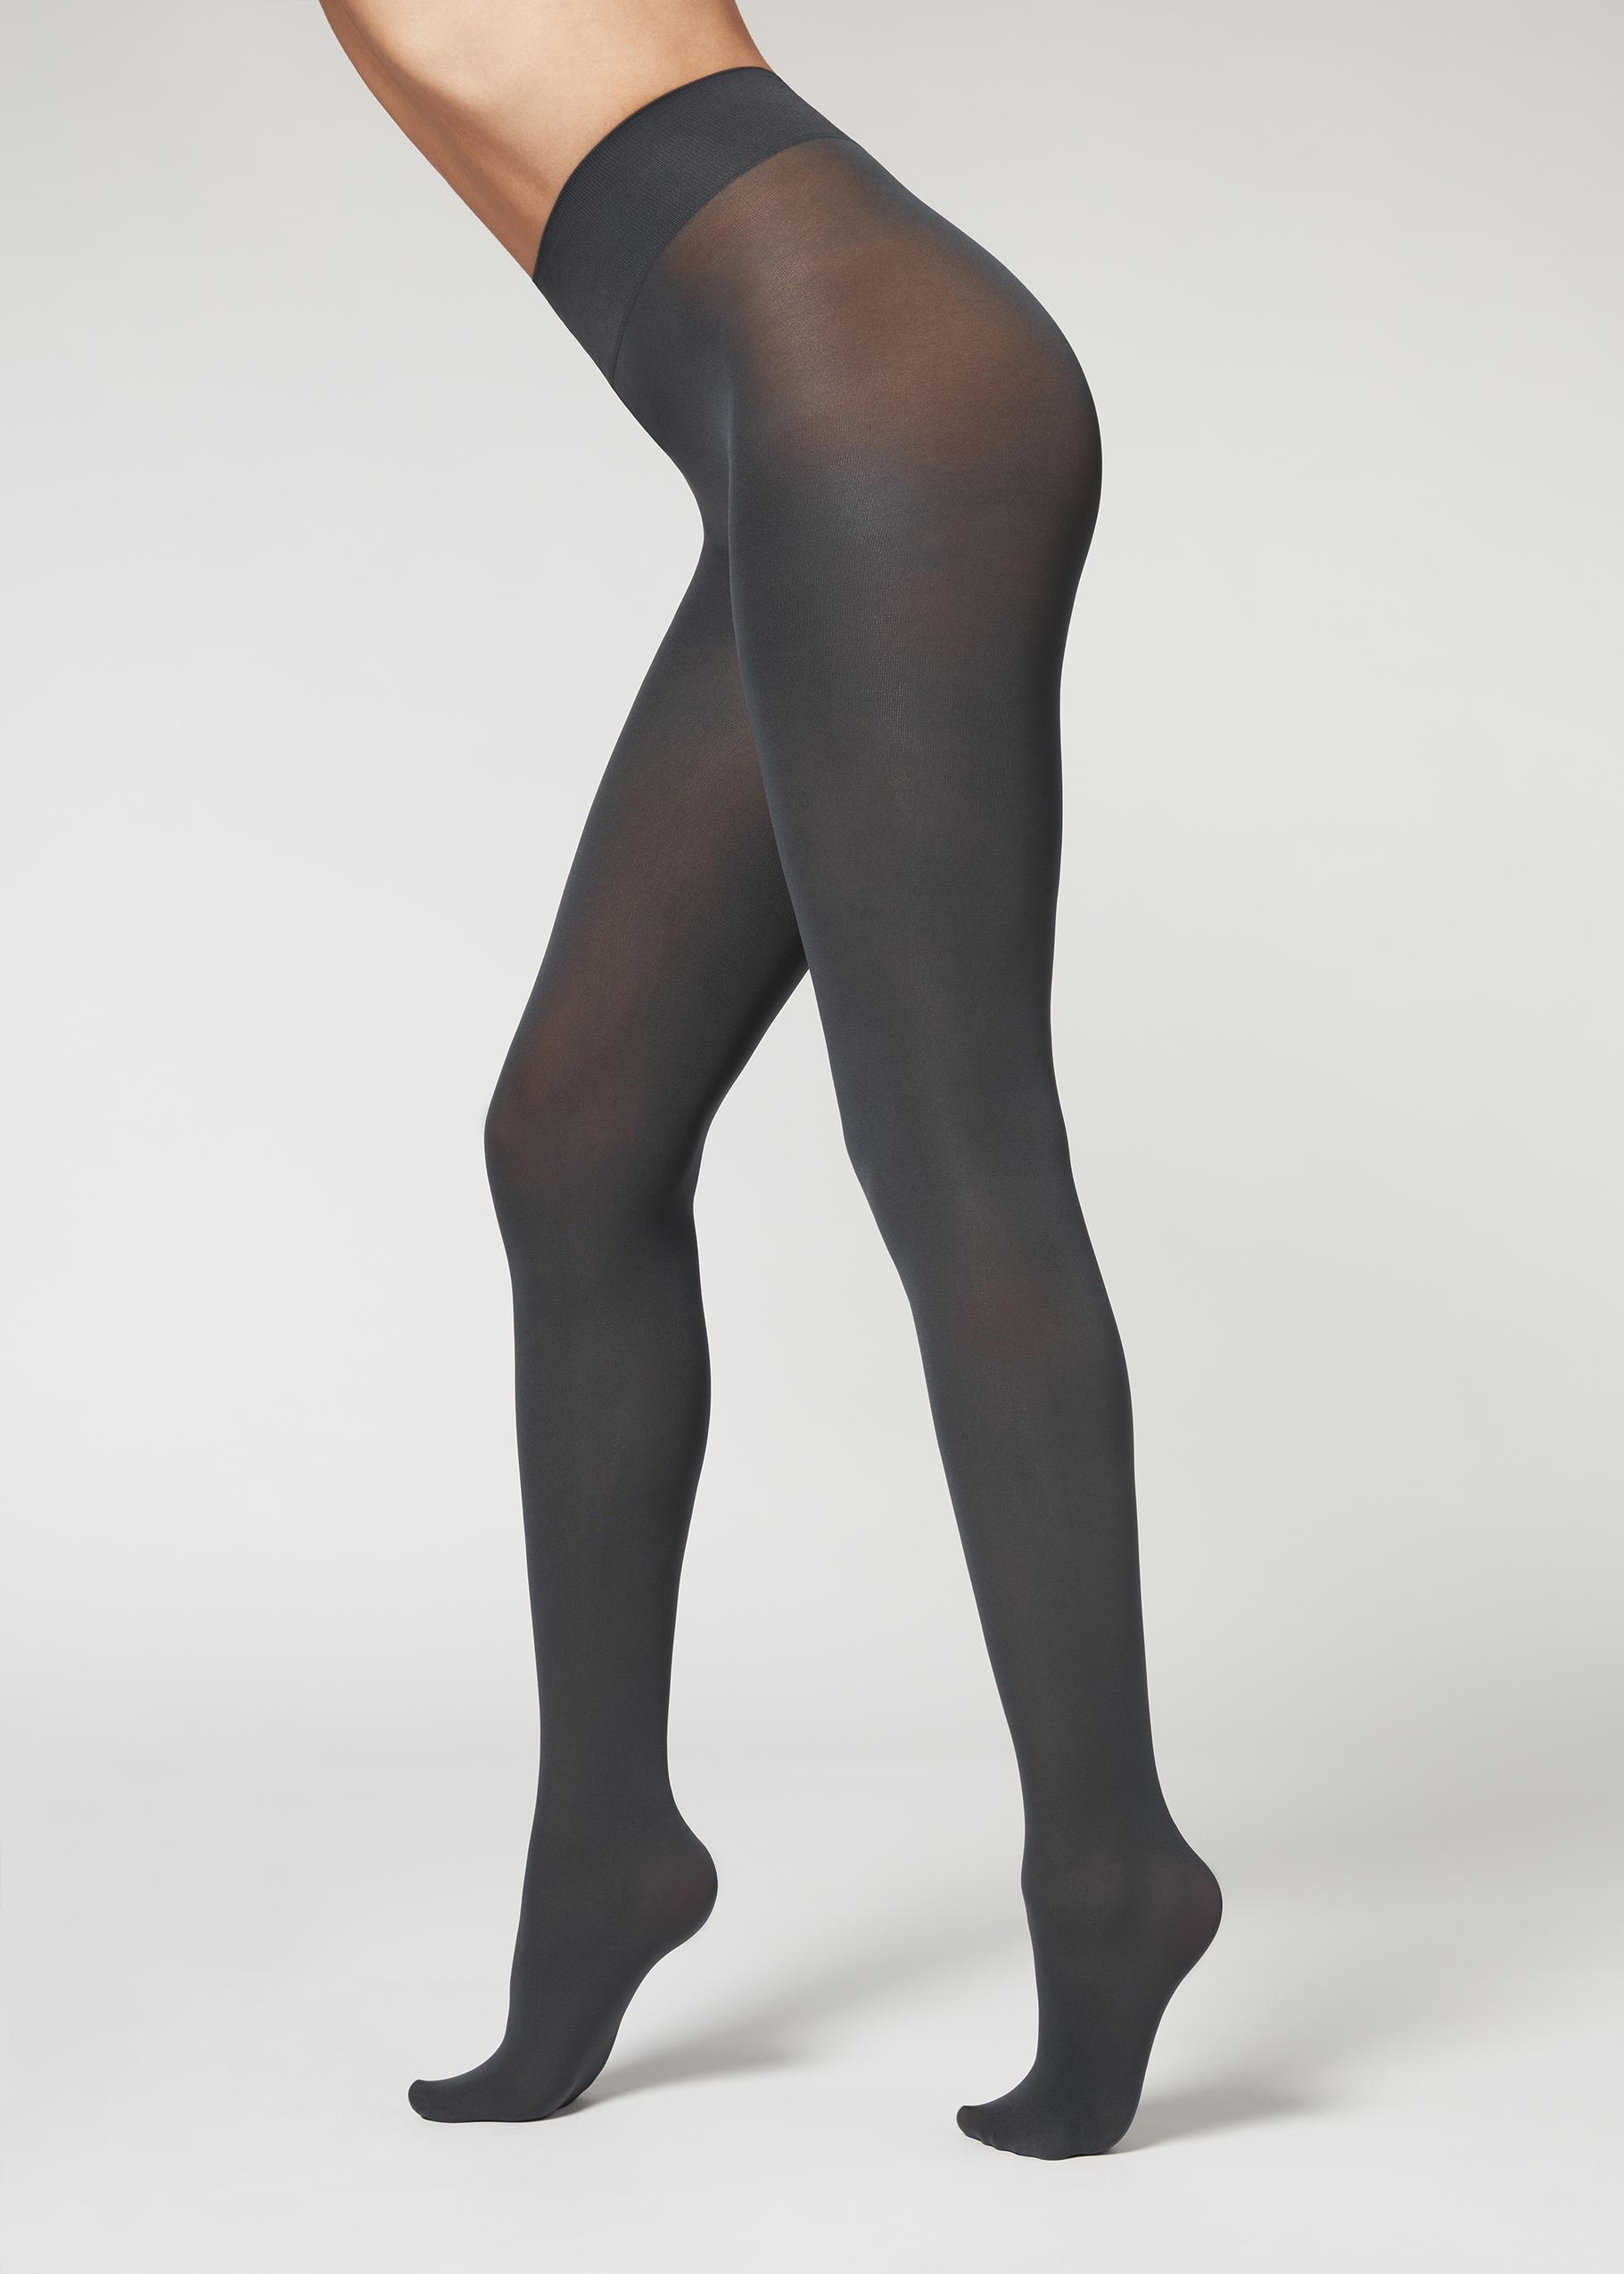 Glitter comfort leggings - LEGGINGS - Calzedonia